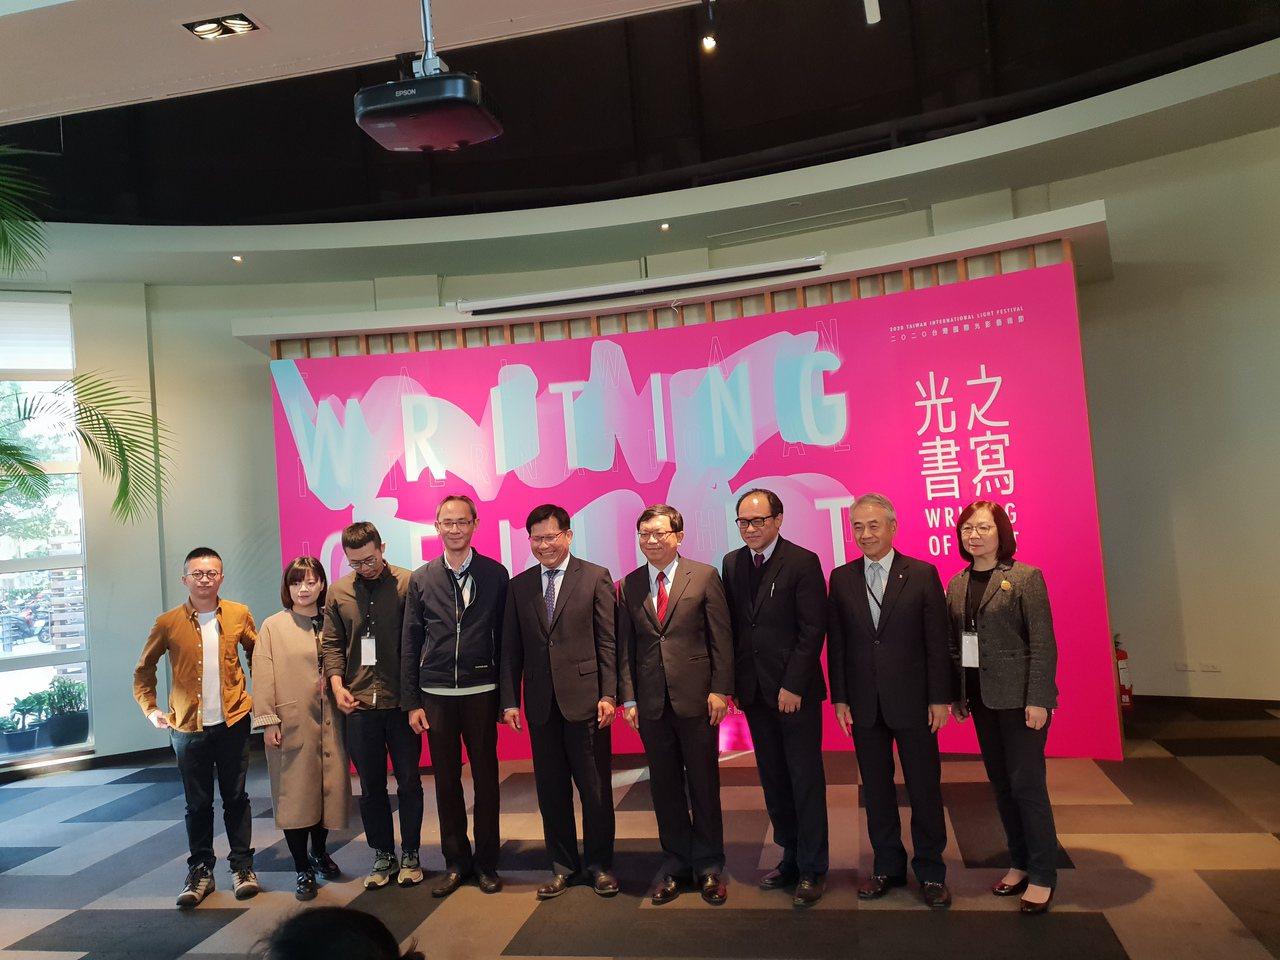 「2020台灣國際光影藝術節」藝術家和主辦單位共聚一堂。記者陳宛茜/攝影